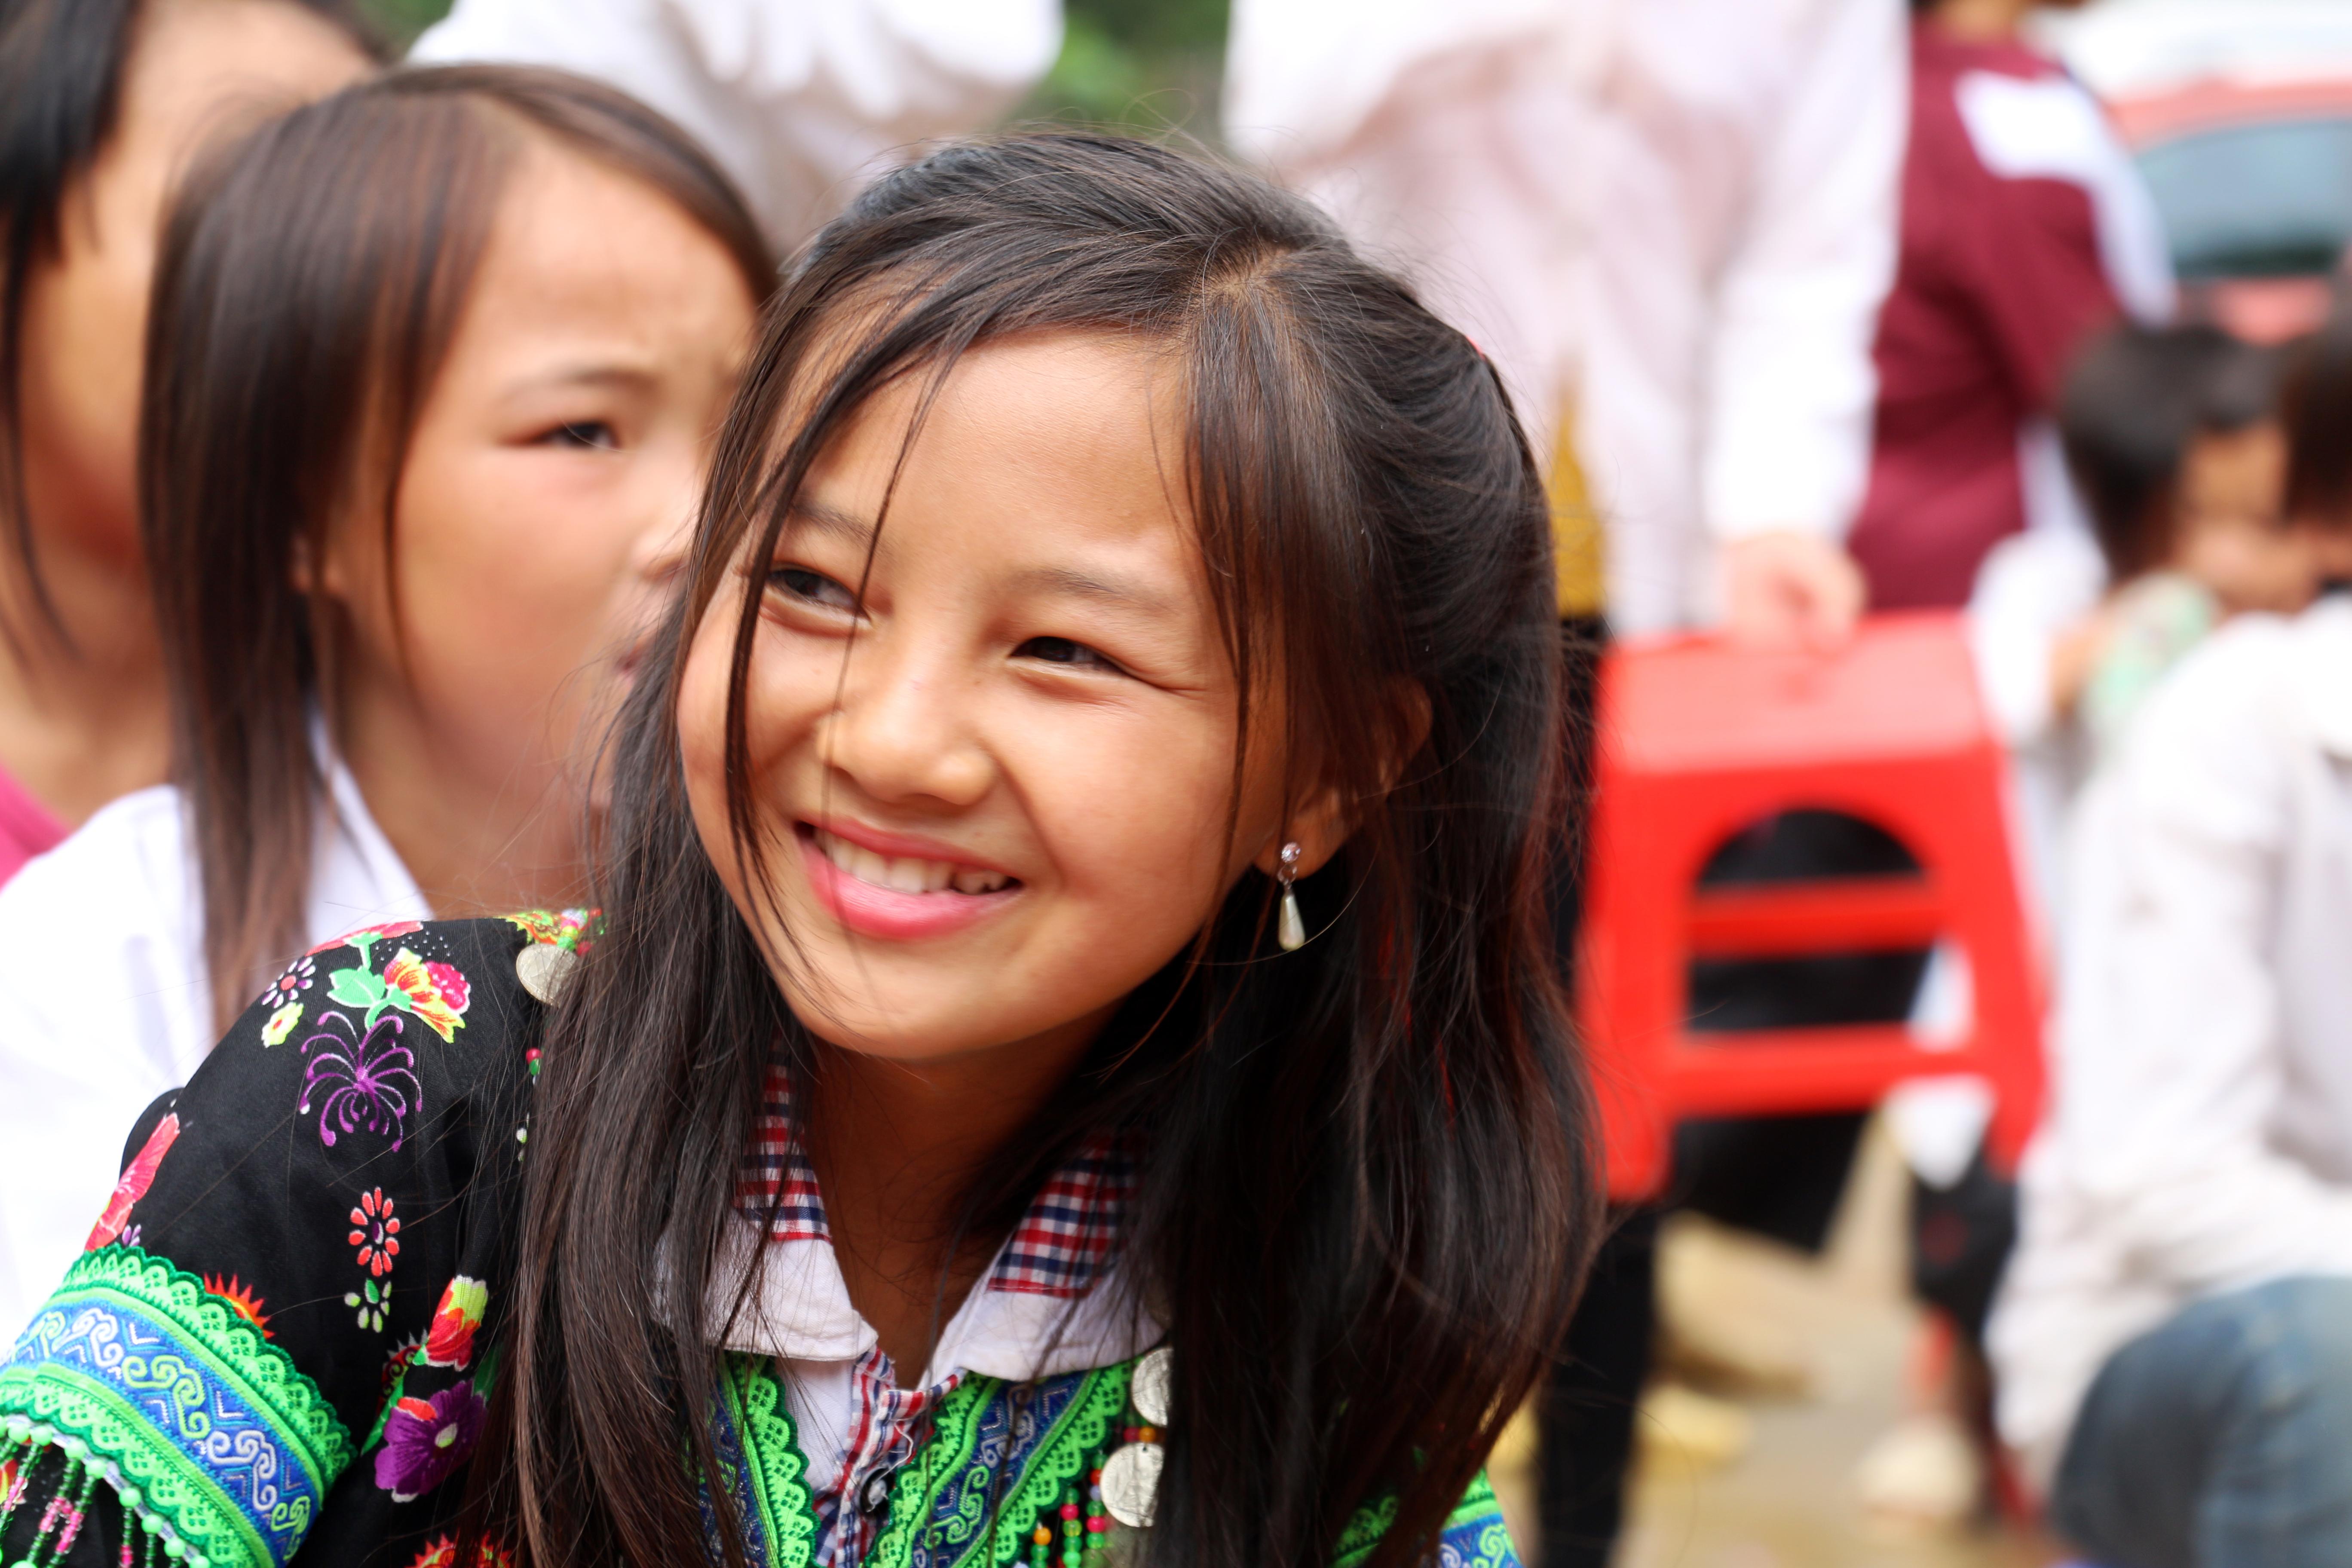 Ngay Khai Truong: Tặng Quà Cho Học Sinh Vùng Cao Nhân Dịp Năm Học Mới